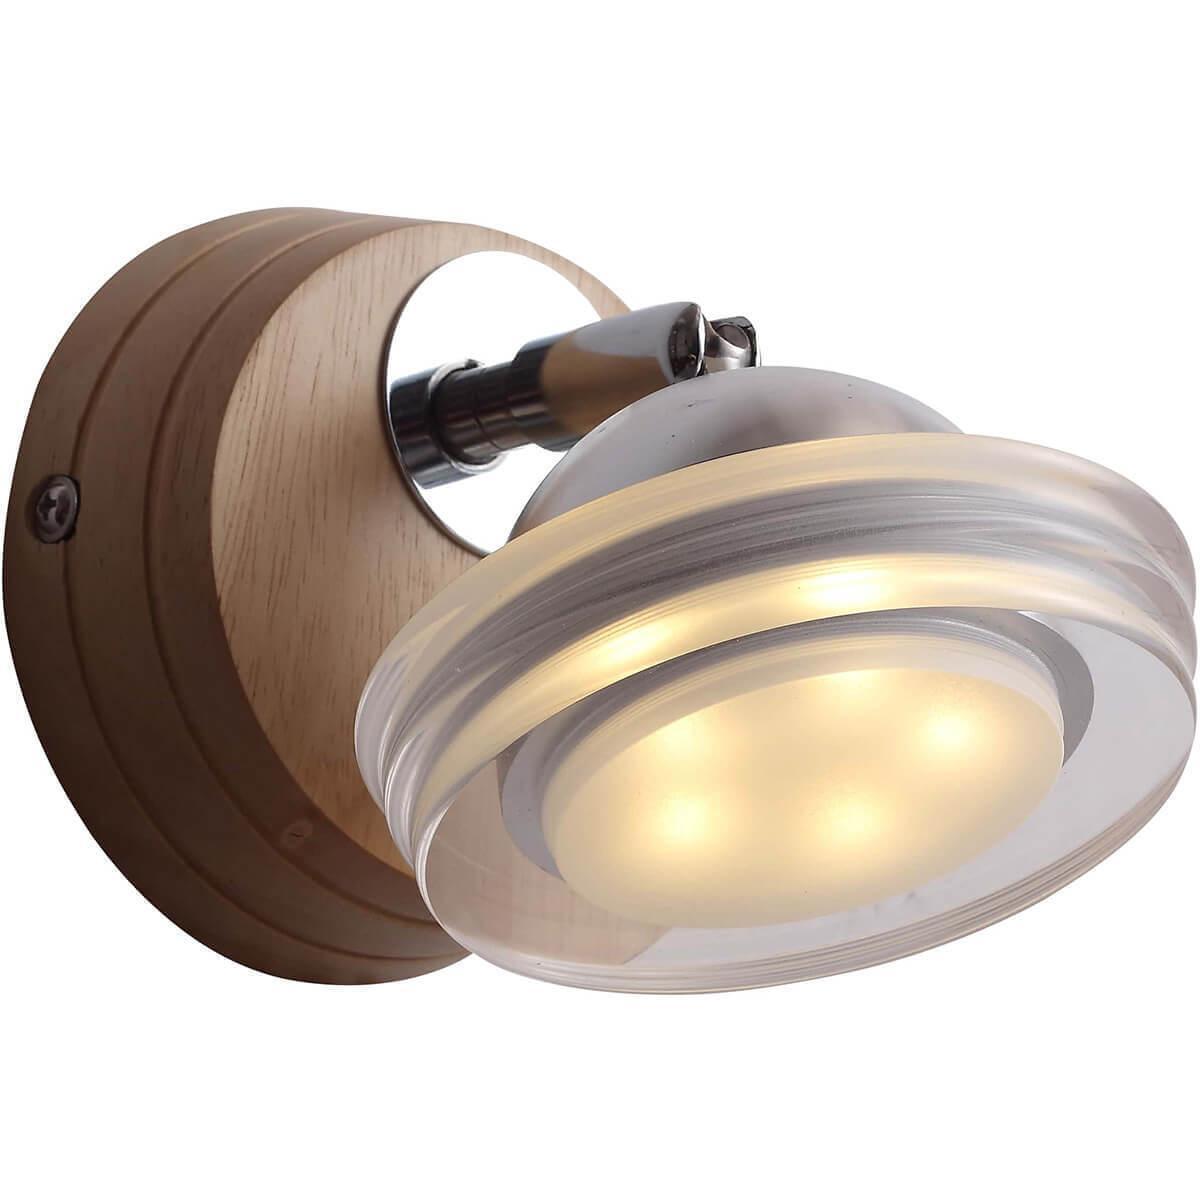 Спот Lucia Tucci Natura W075.1 LED, LED, 5 Вт кукла pullip dal lucia